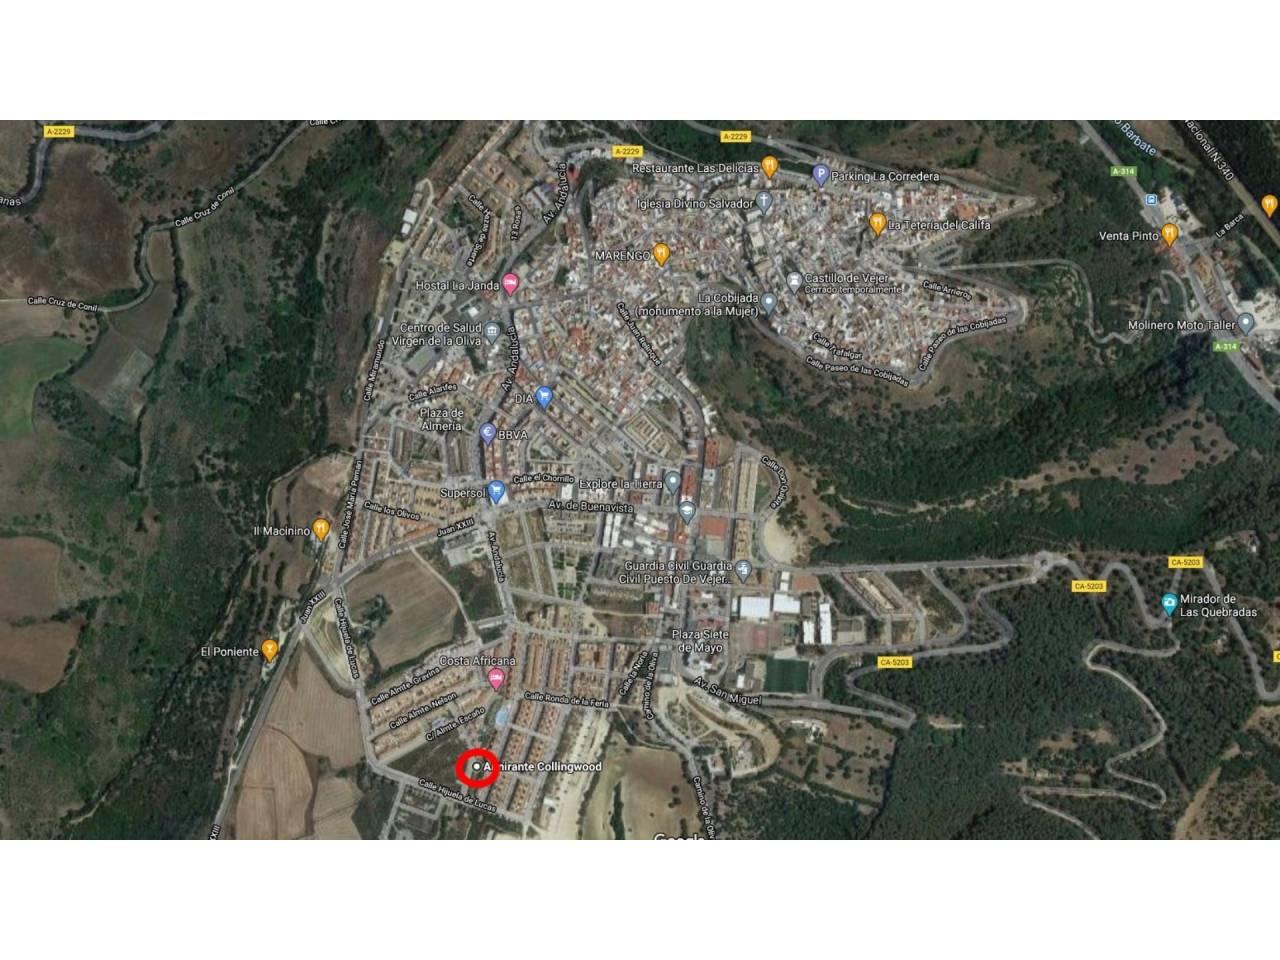 Imagen REF.000042 ubicada en Vejer de la Frontera